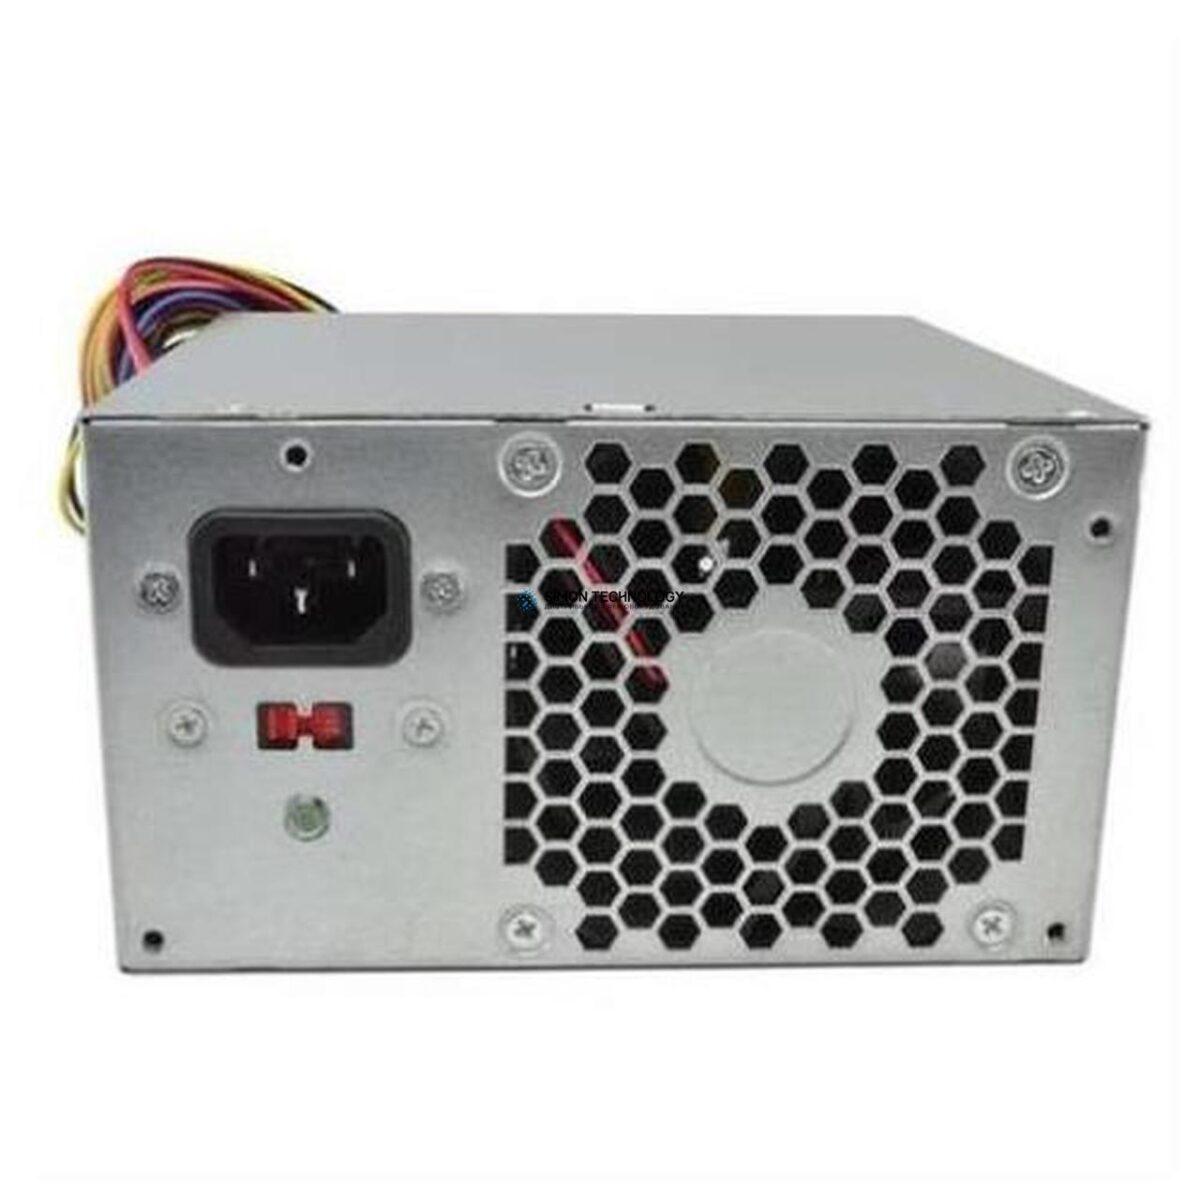 Блок питания HP HPE Power Supply 2650w/12V/HTPLG/48VDC (801101-001)